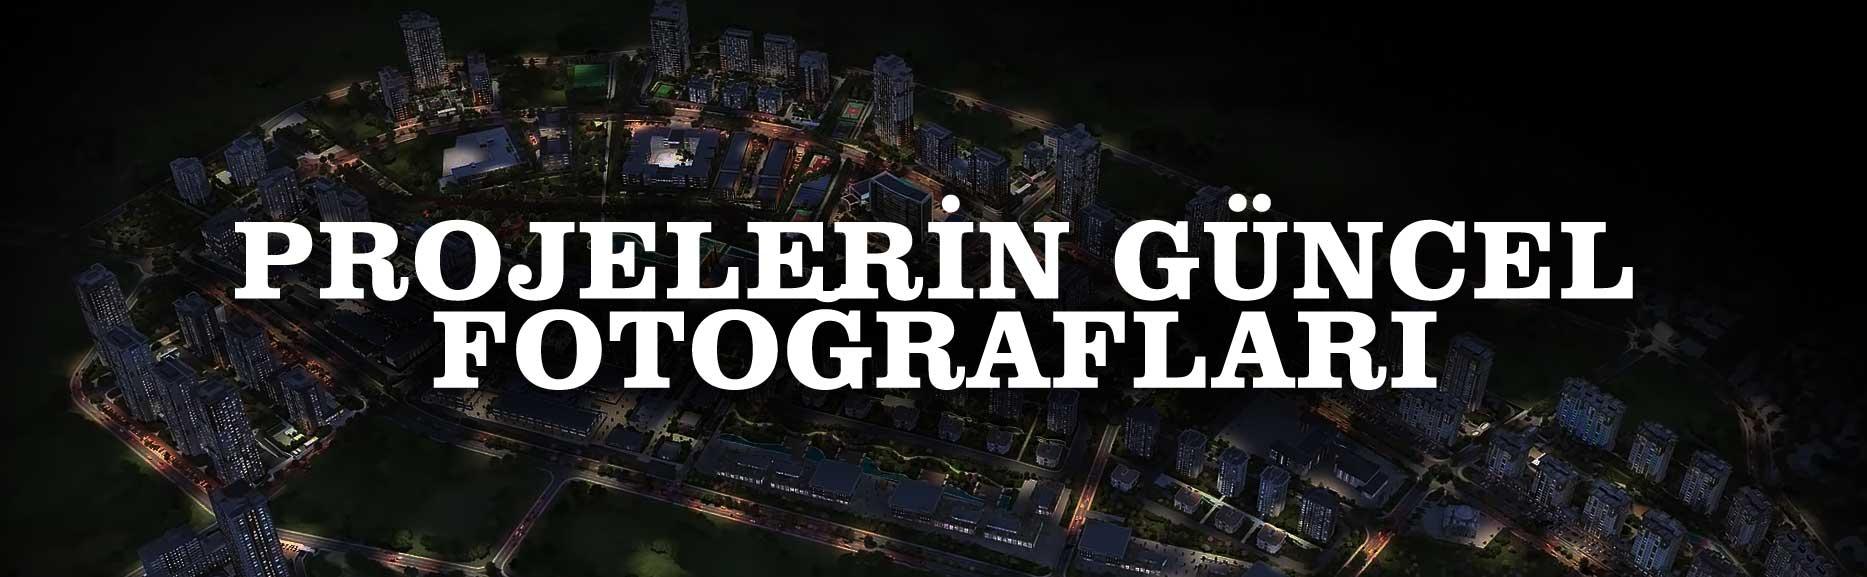 Proje Fotografları